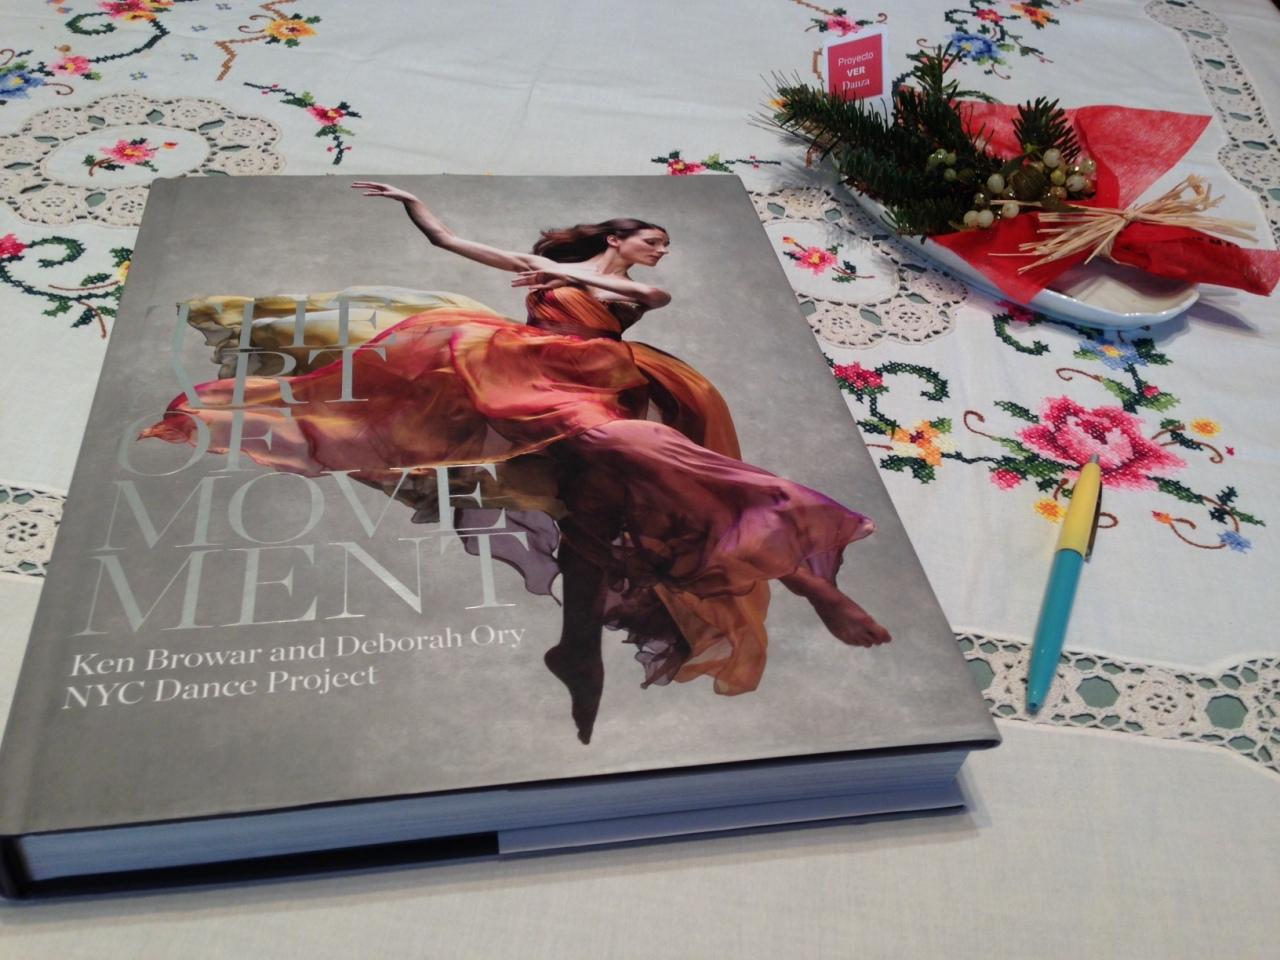 Sorteo de Reyes de PROYECTO VER DANZA del espectacular libro de fotografías THE ART OF MOVEMENT de NYC DanceProject